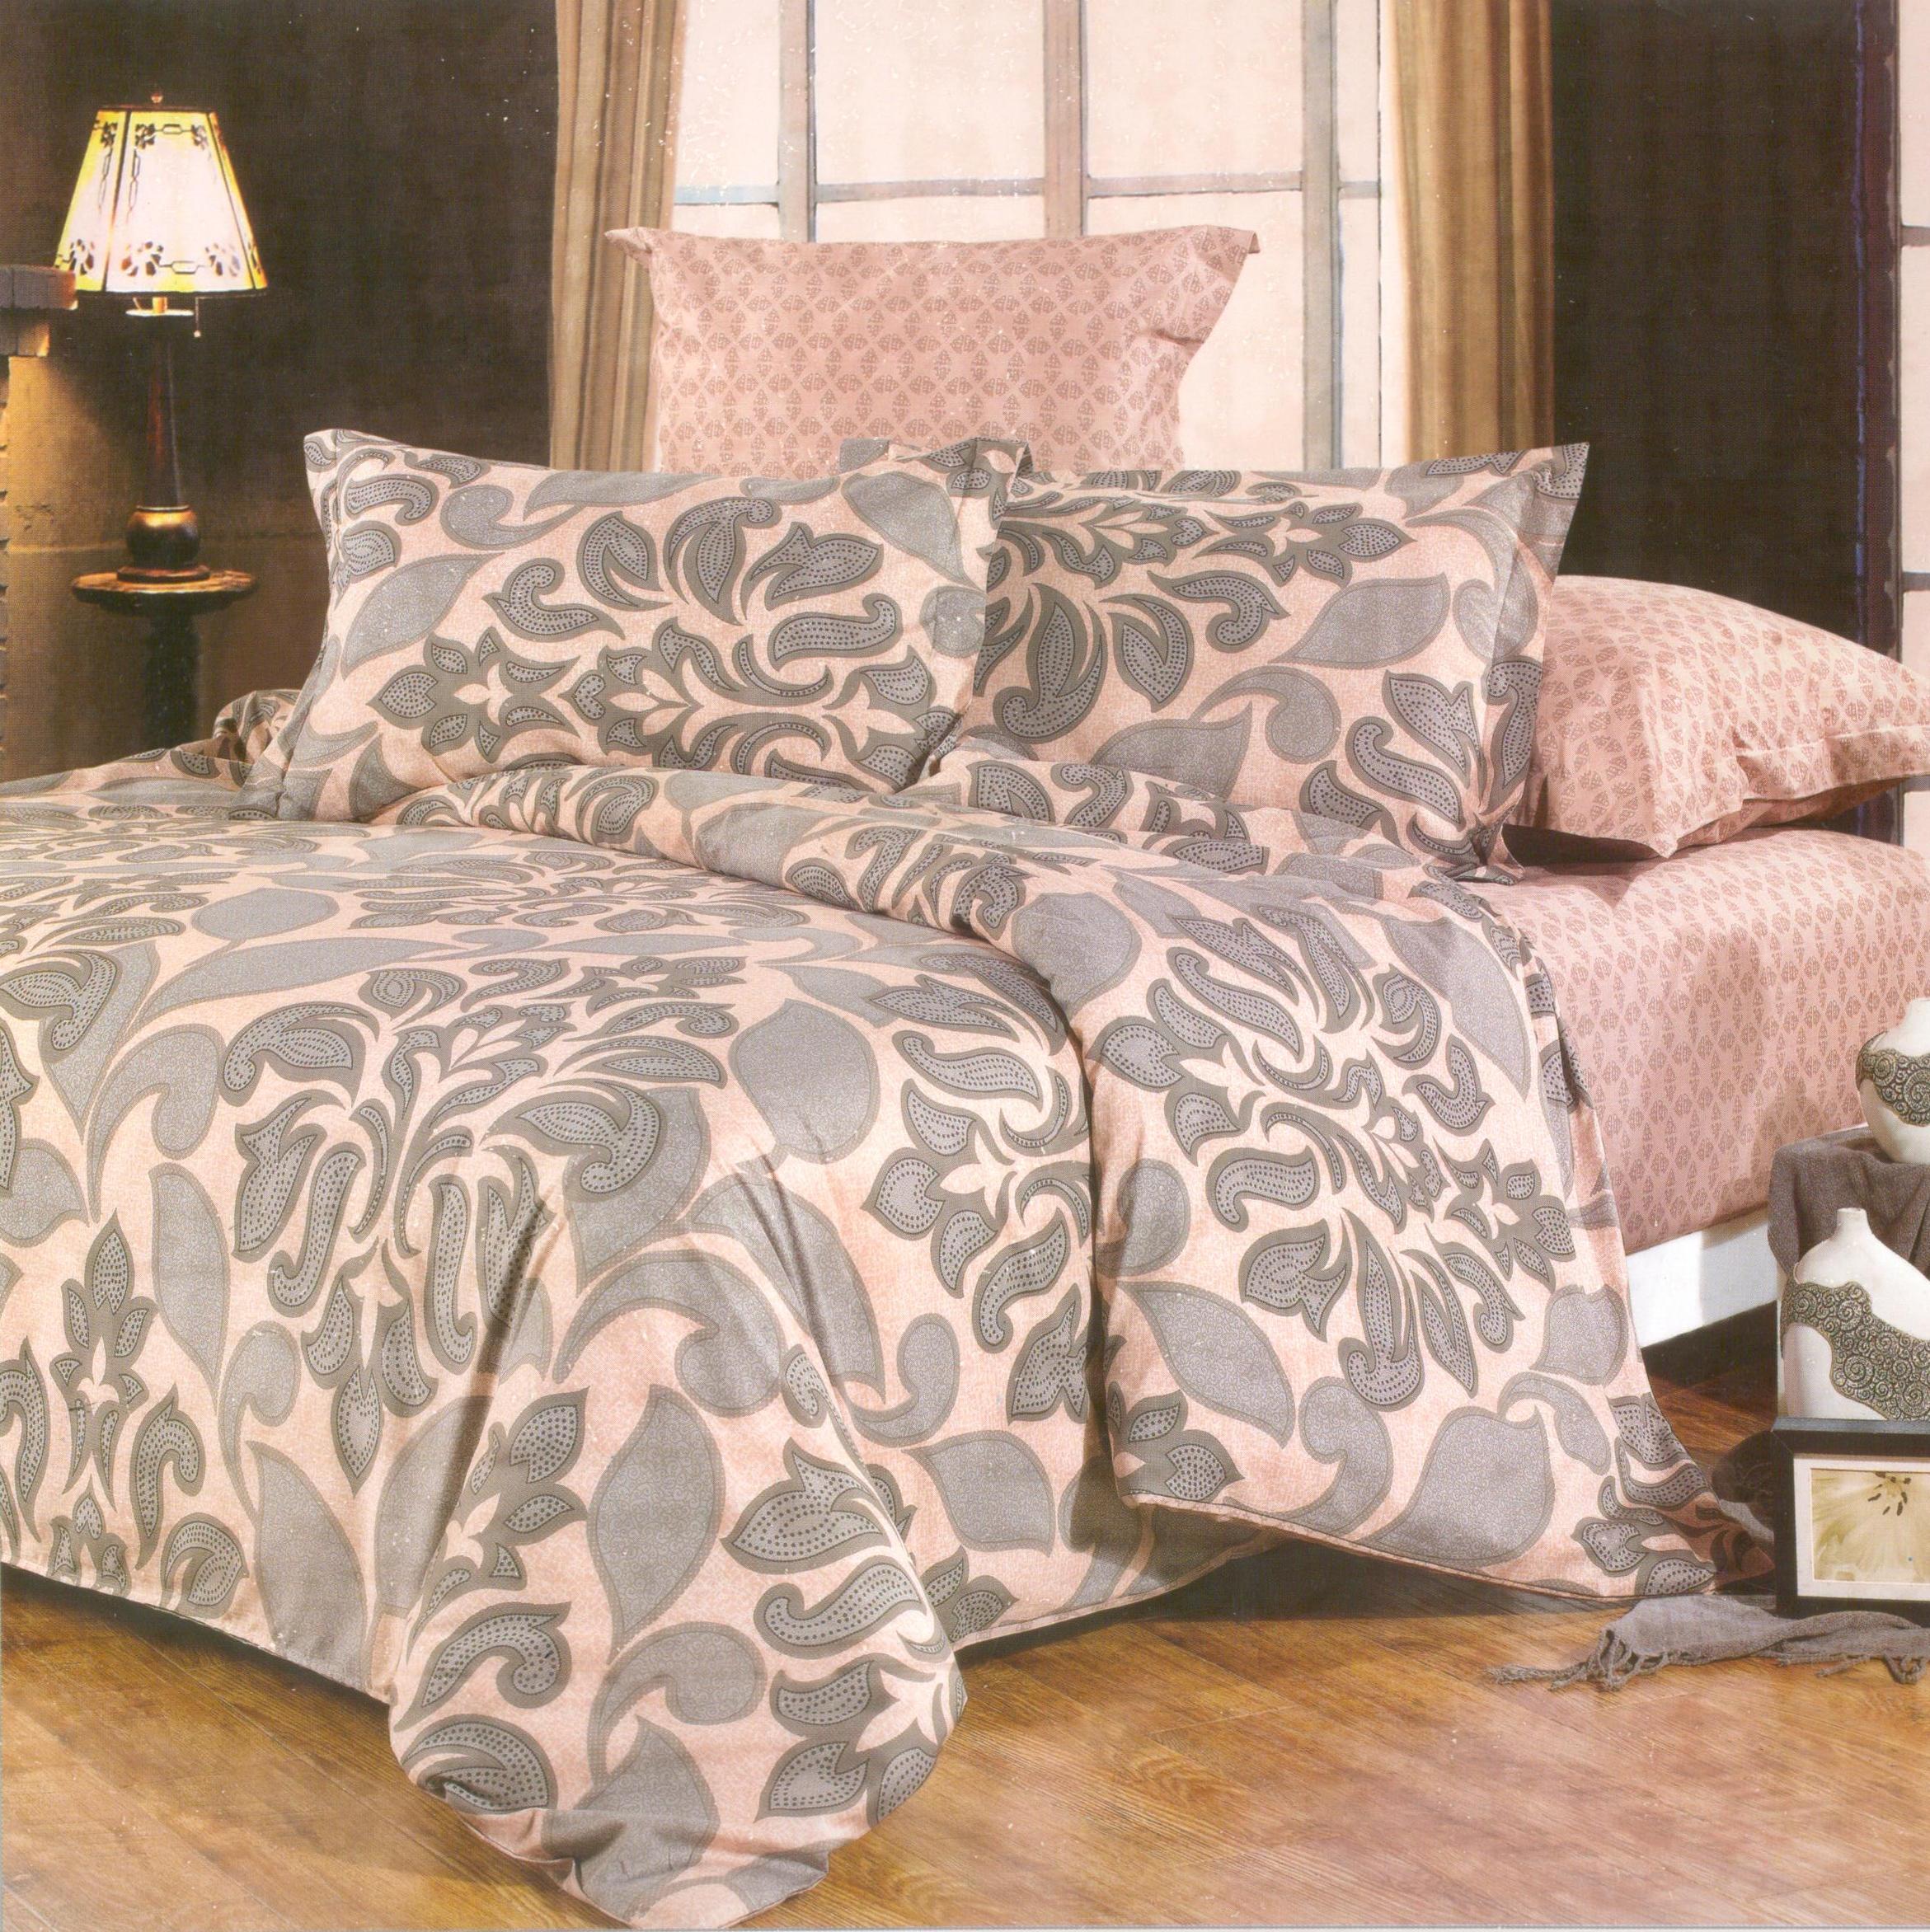 Купить Комплекты постельного белья СайлиД, Постельное белье Miah B-104 (2 сп. евро), Китай, Бежевый, Розовый, Серый, Хлопковый сатин